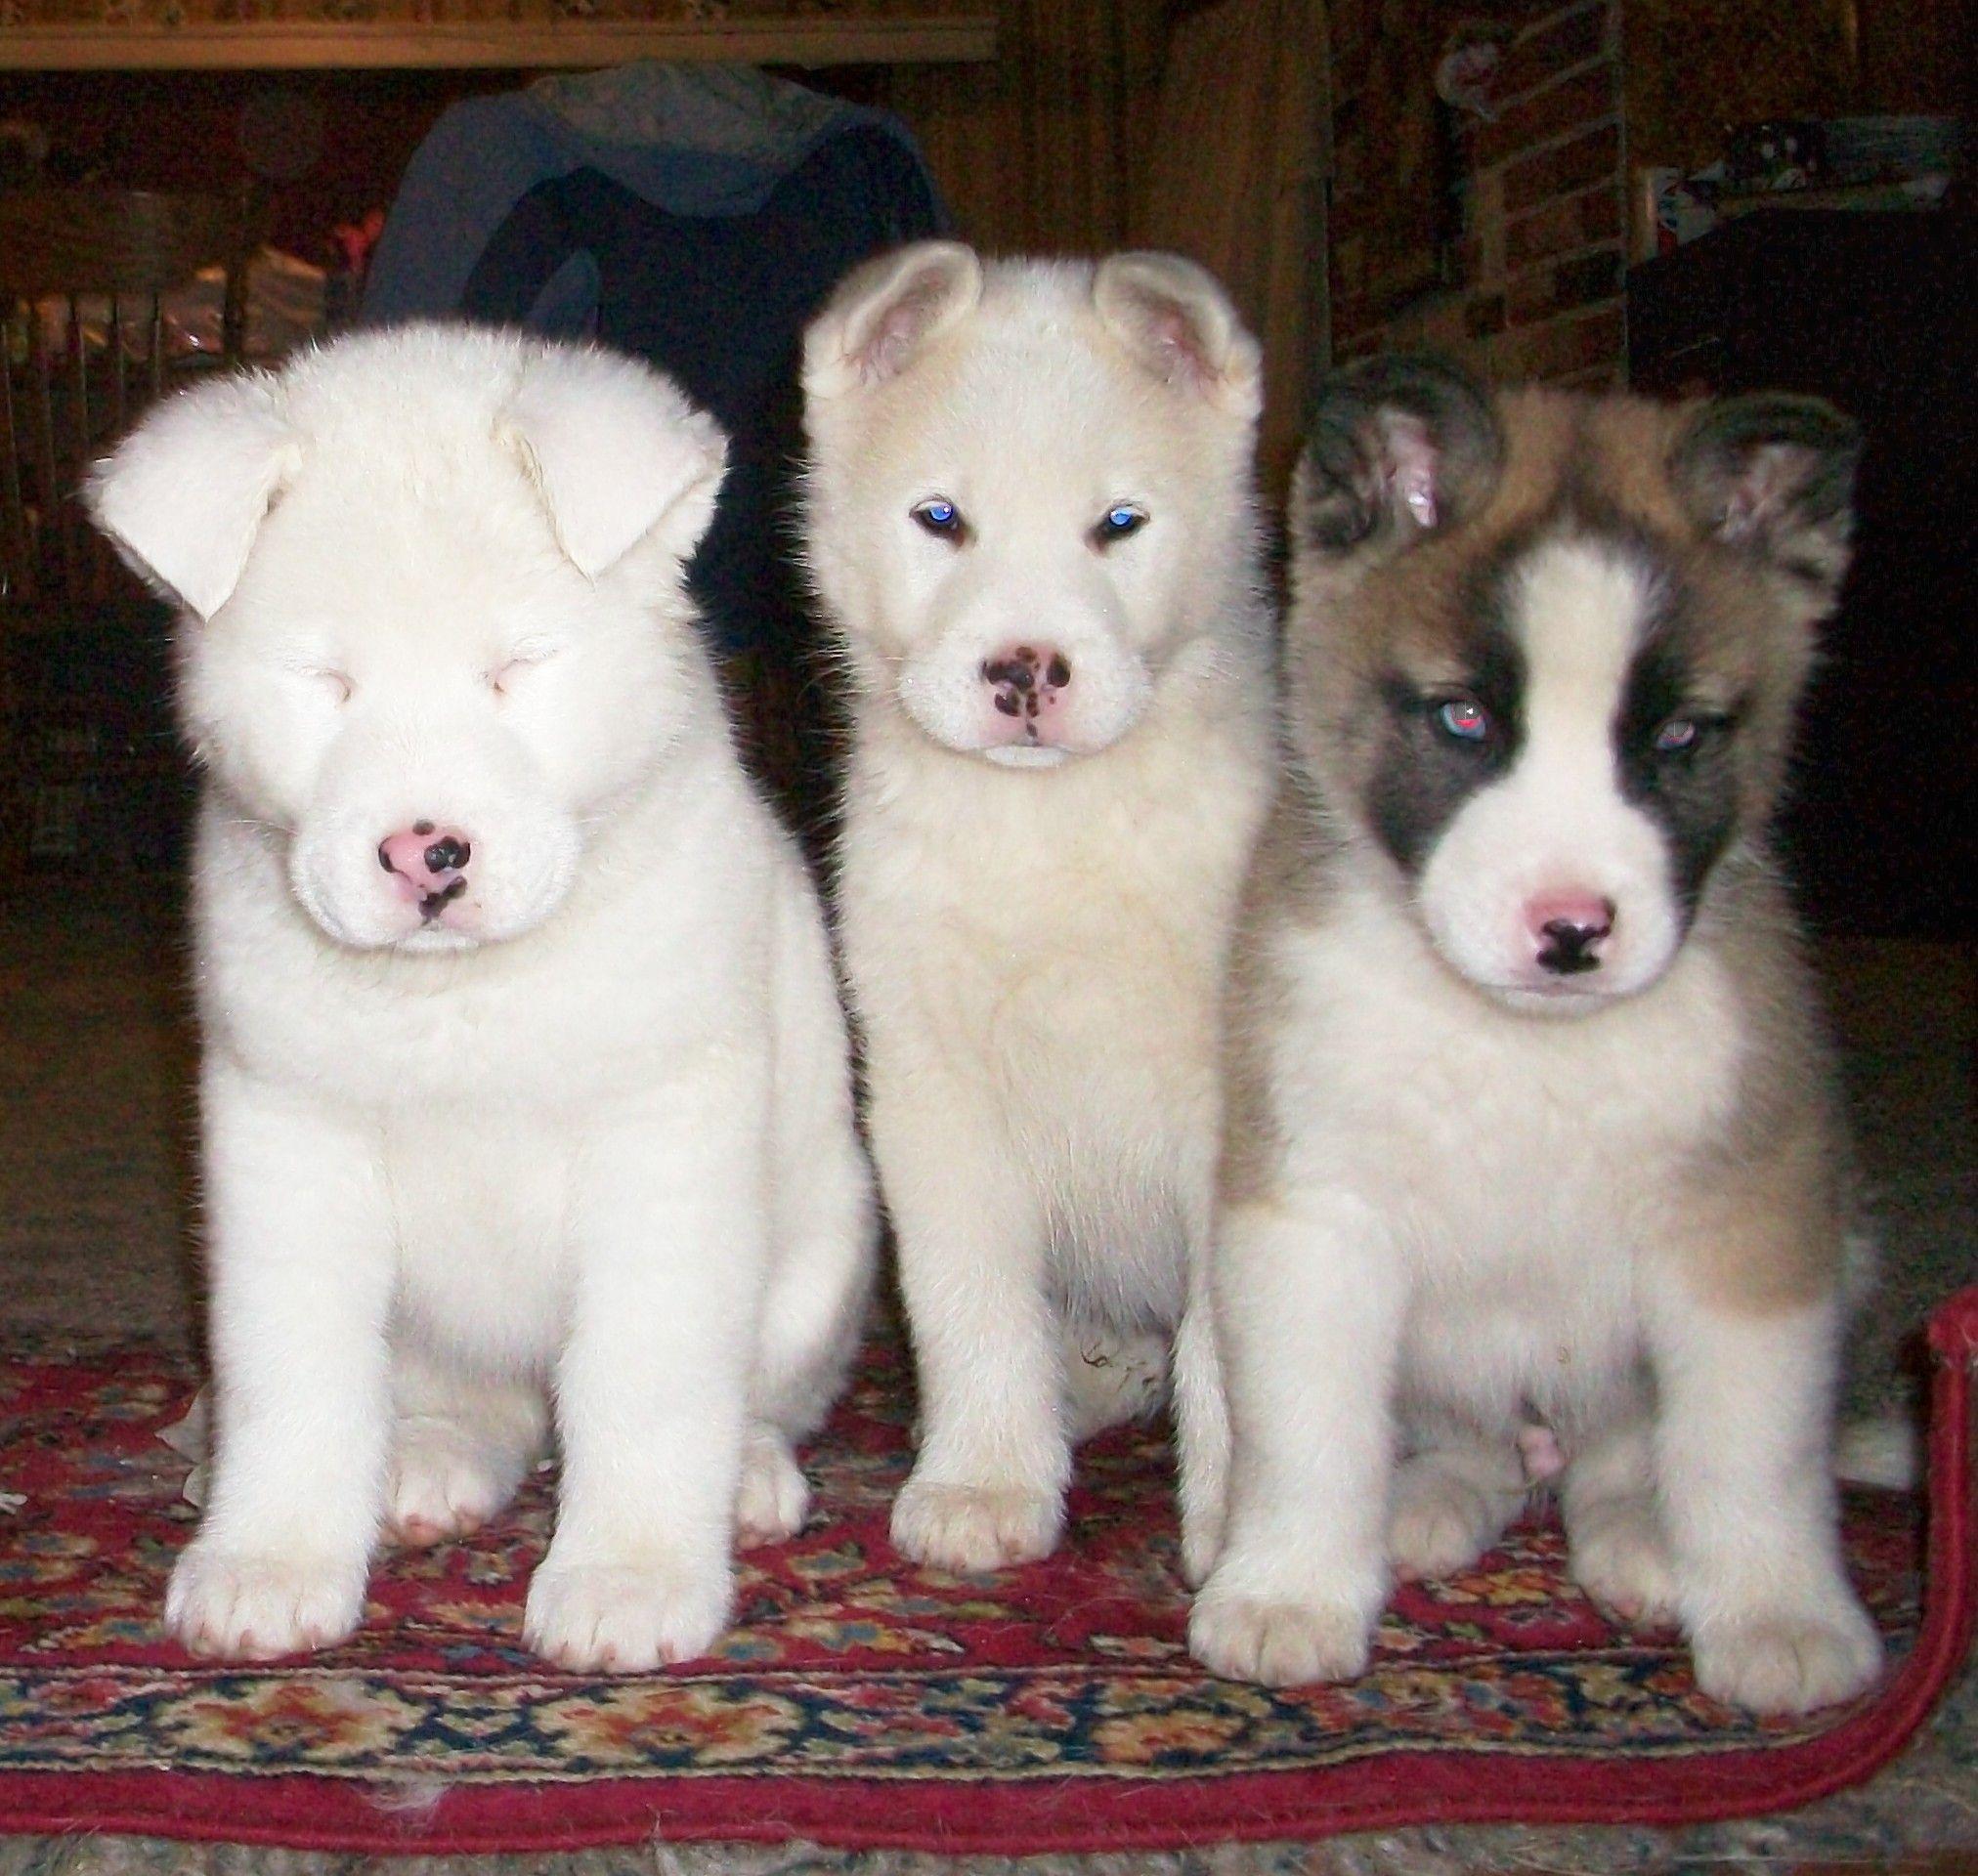 Huskita Puppies Husky Akita Puppies And Kitties Puppies Dogs